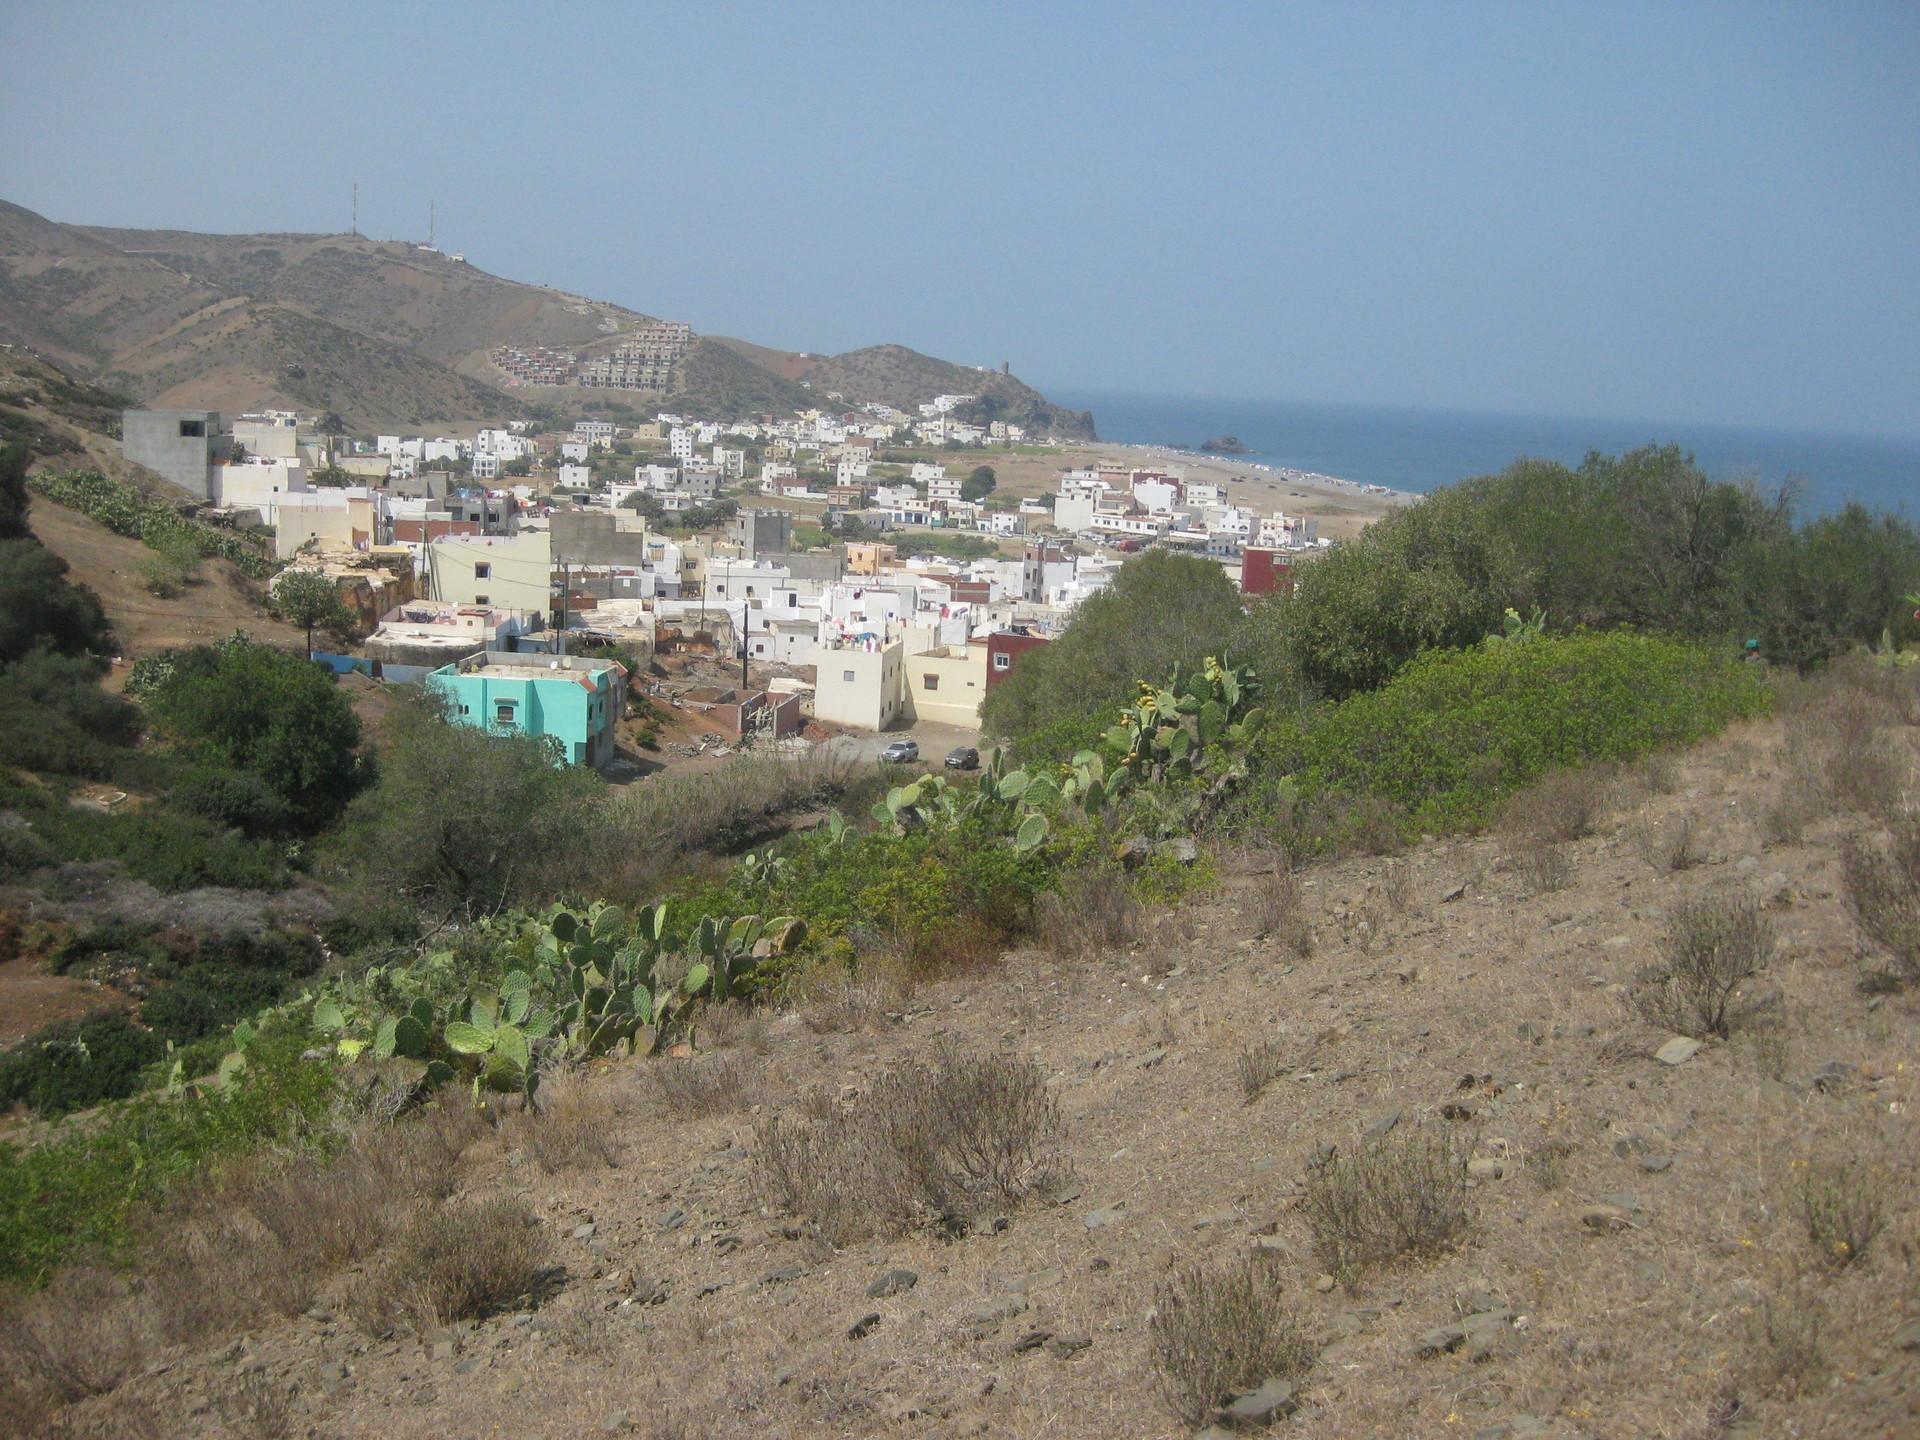 targha-morocco-254dac1d1f4210c8584a7e295